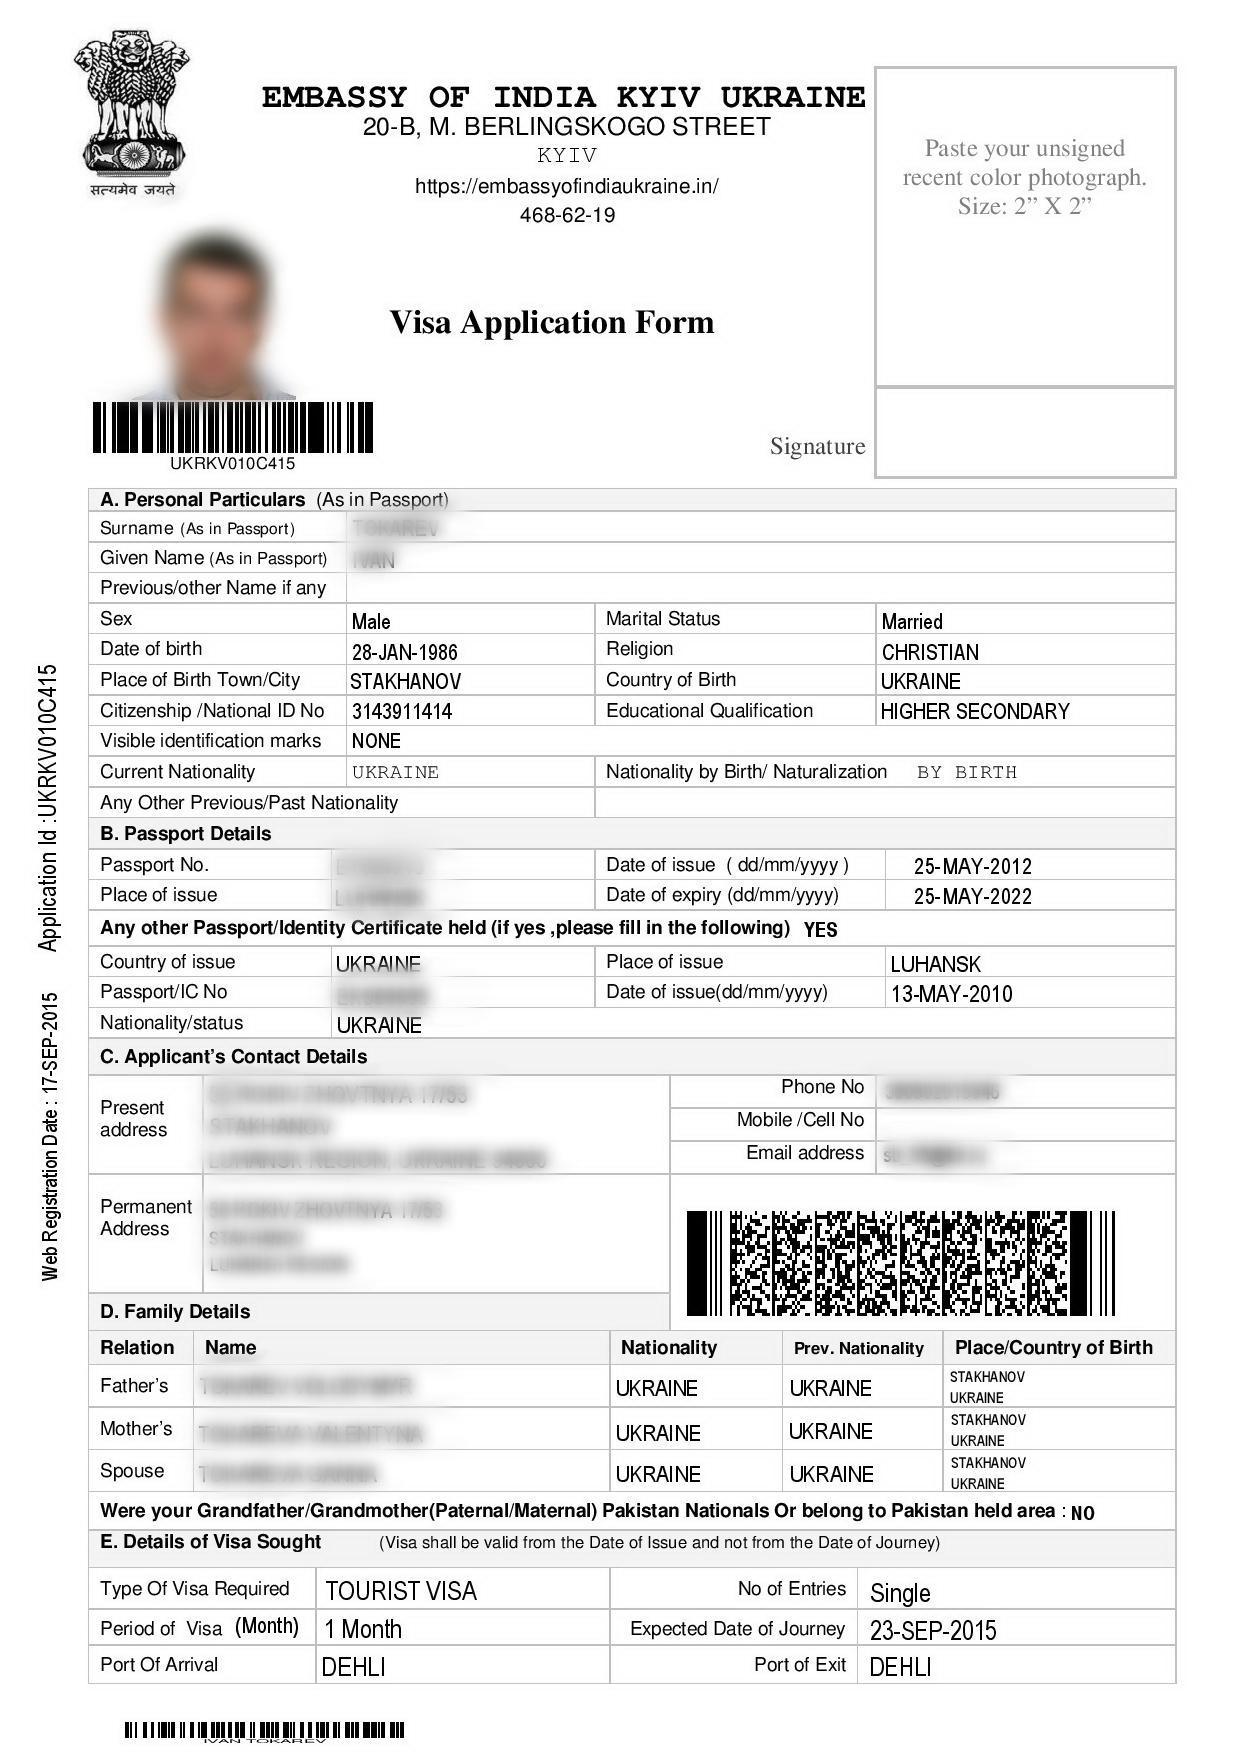 образец анкеты  для визы  в индию